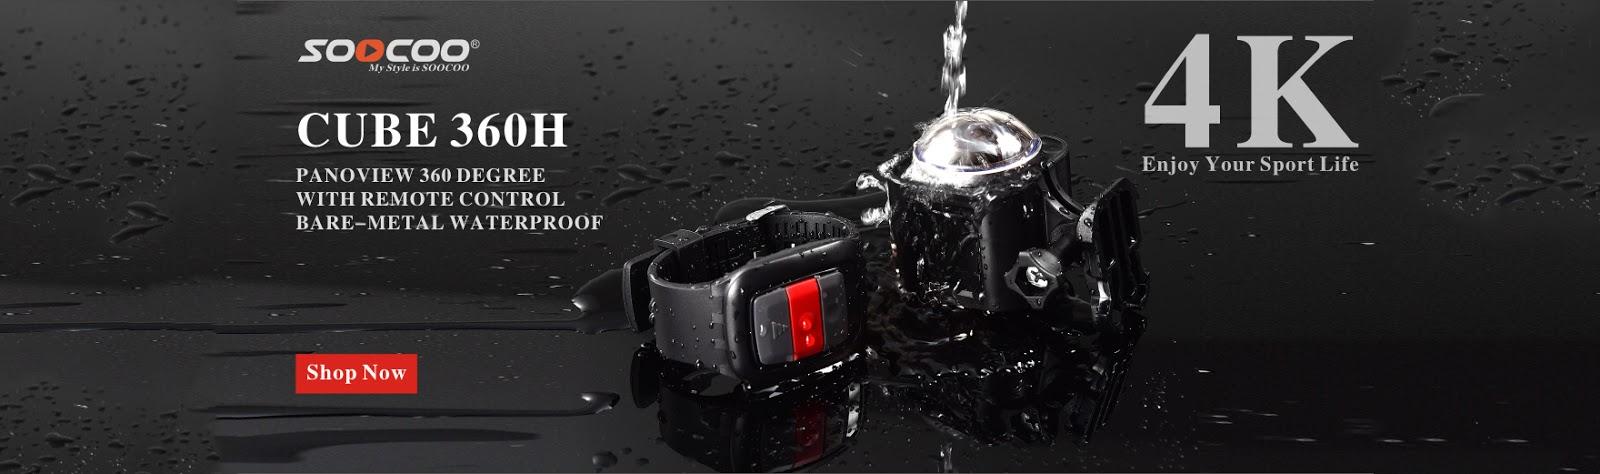 SOOCOO Action Camera Blog: 360 degree panoramic camera 4k with